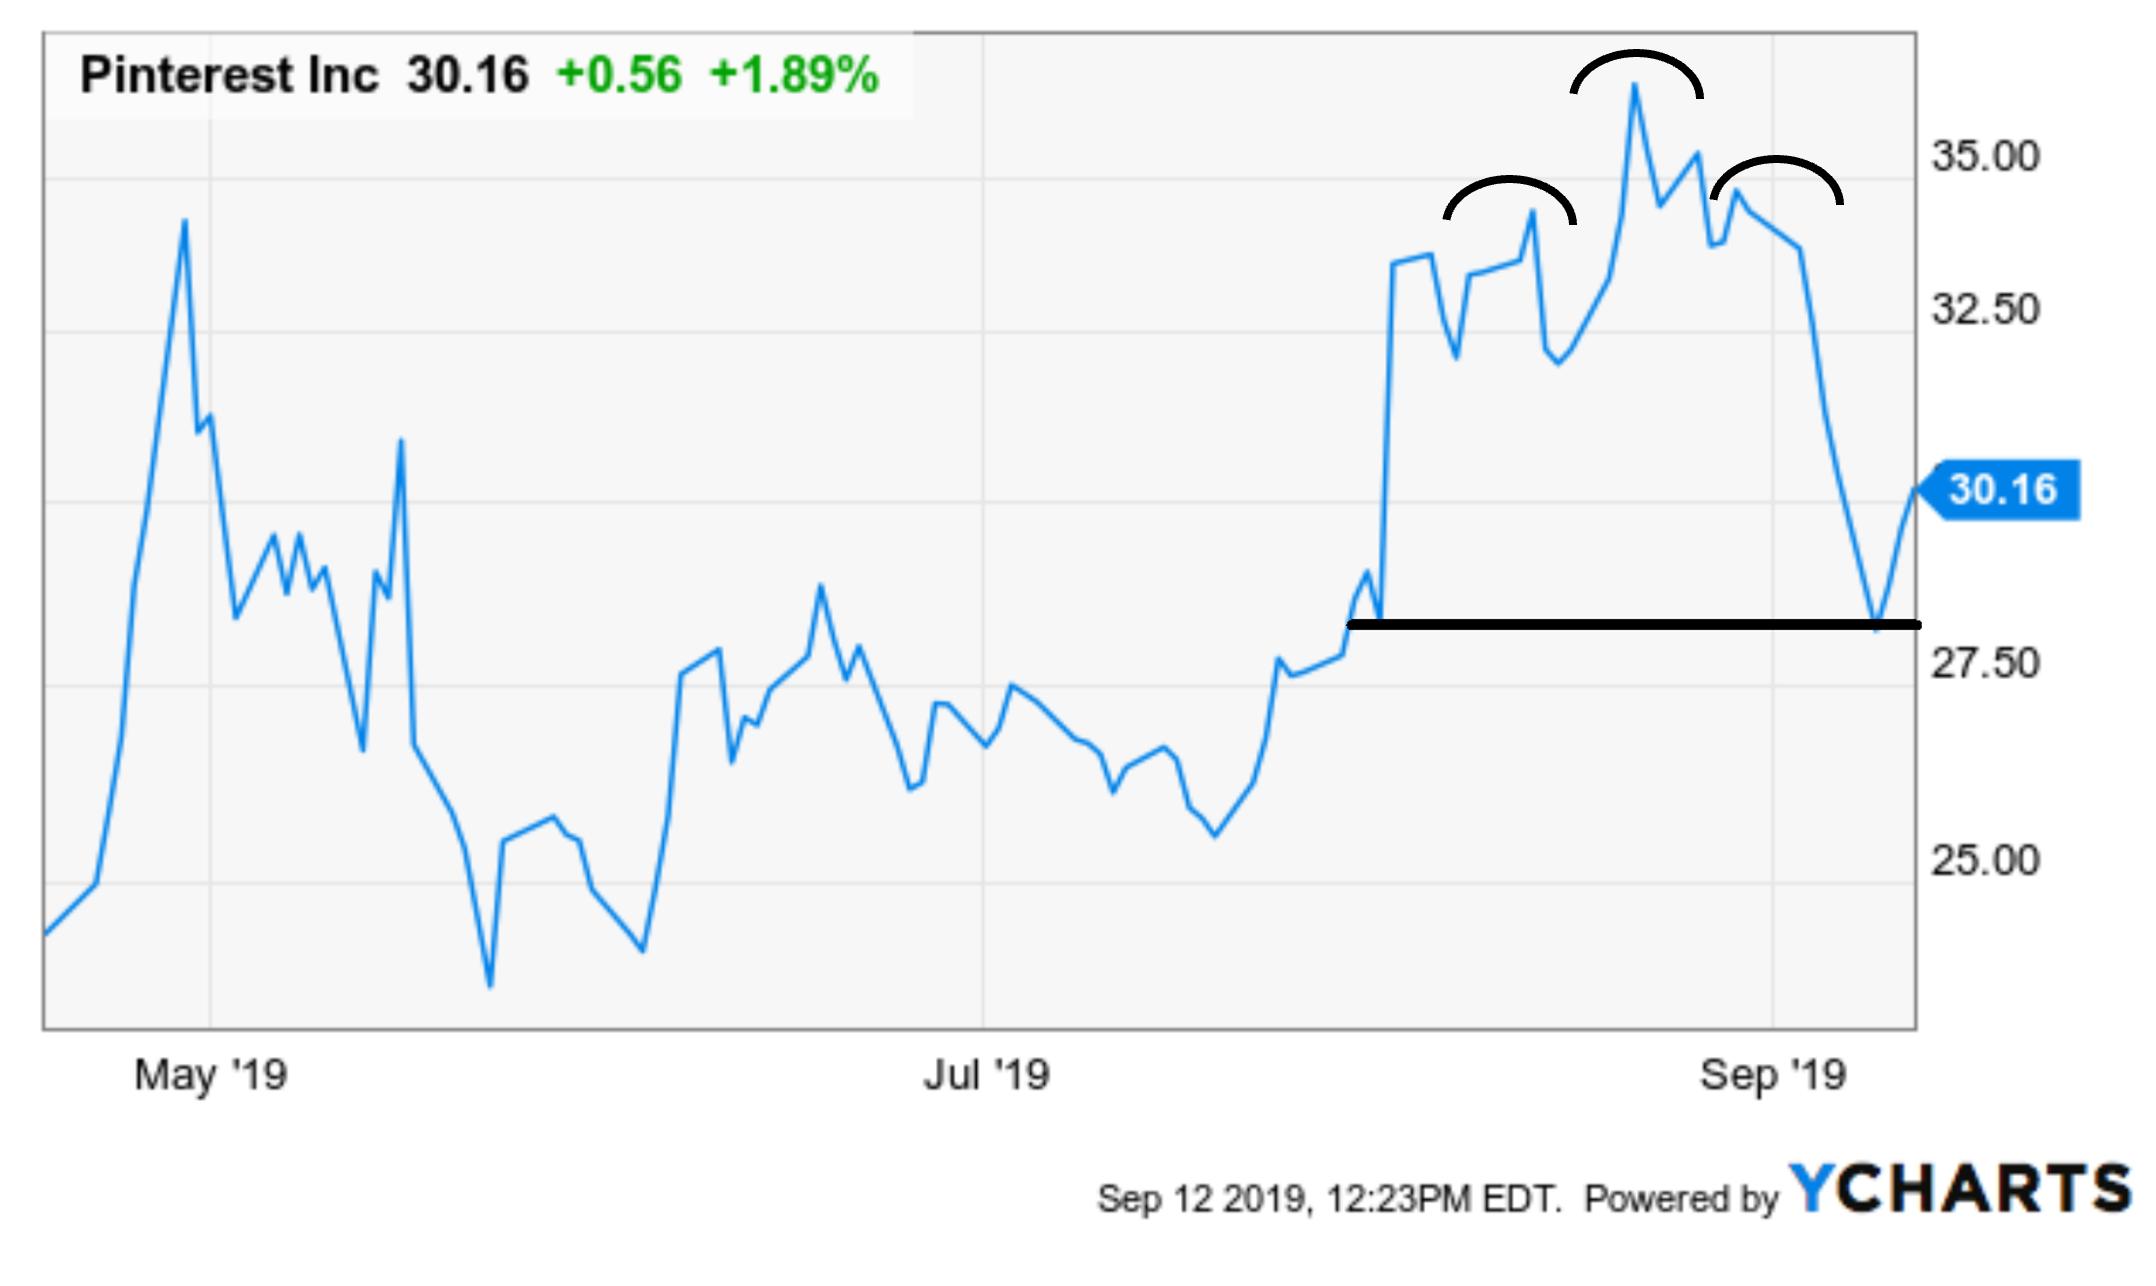 Pinterest Stock Forecast